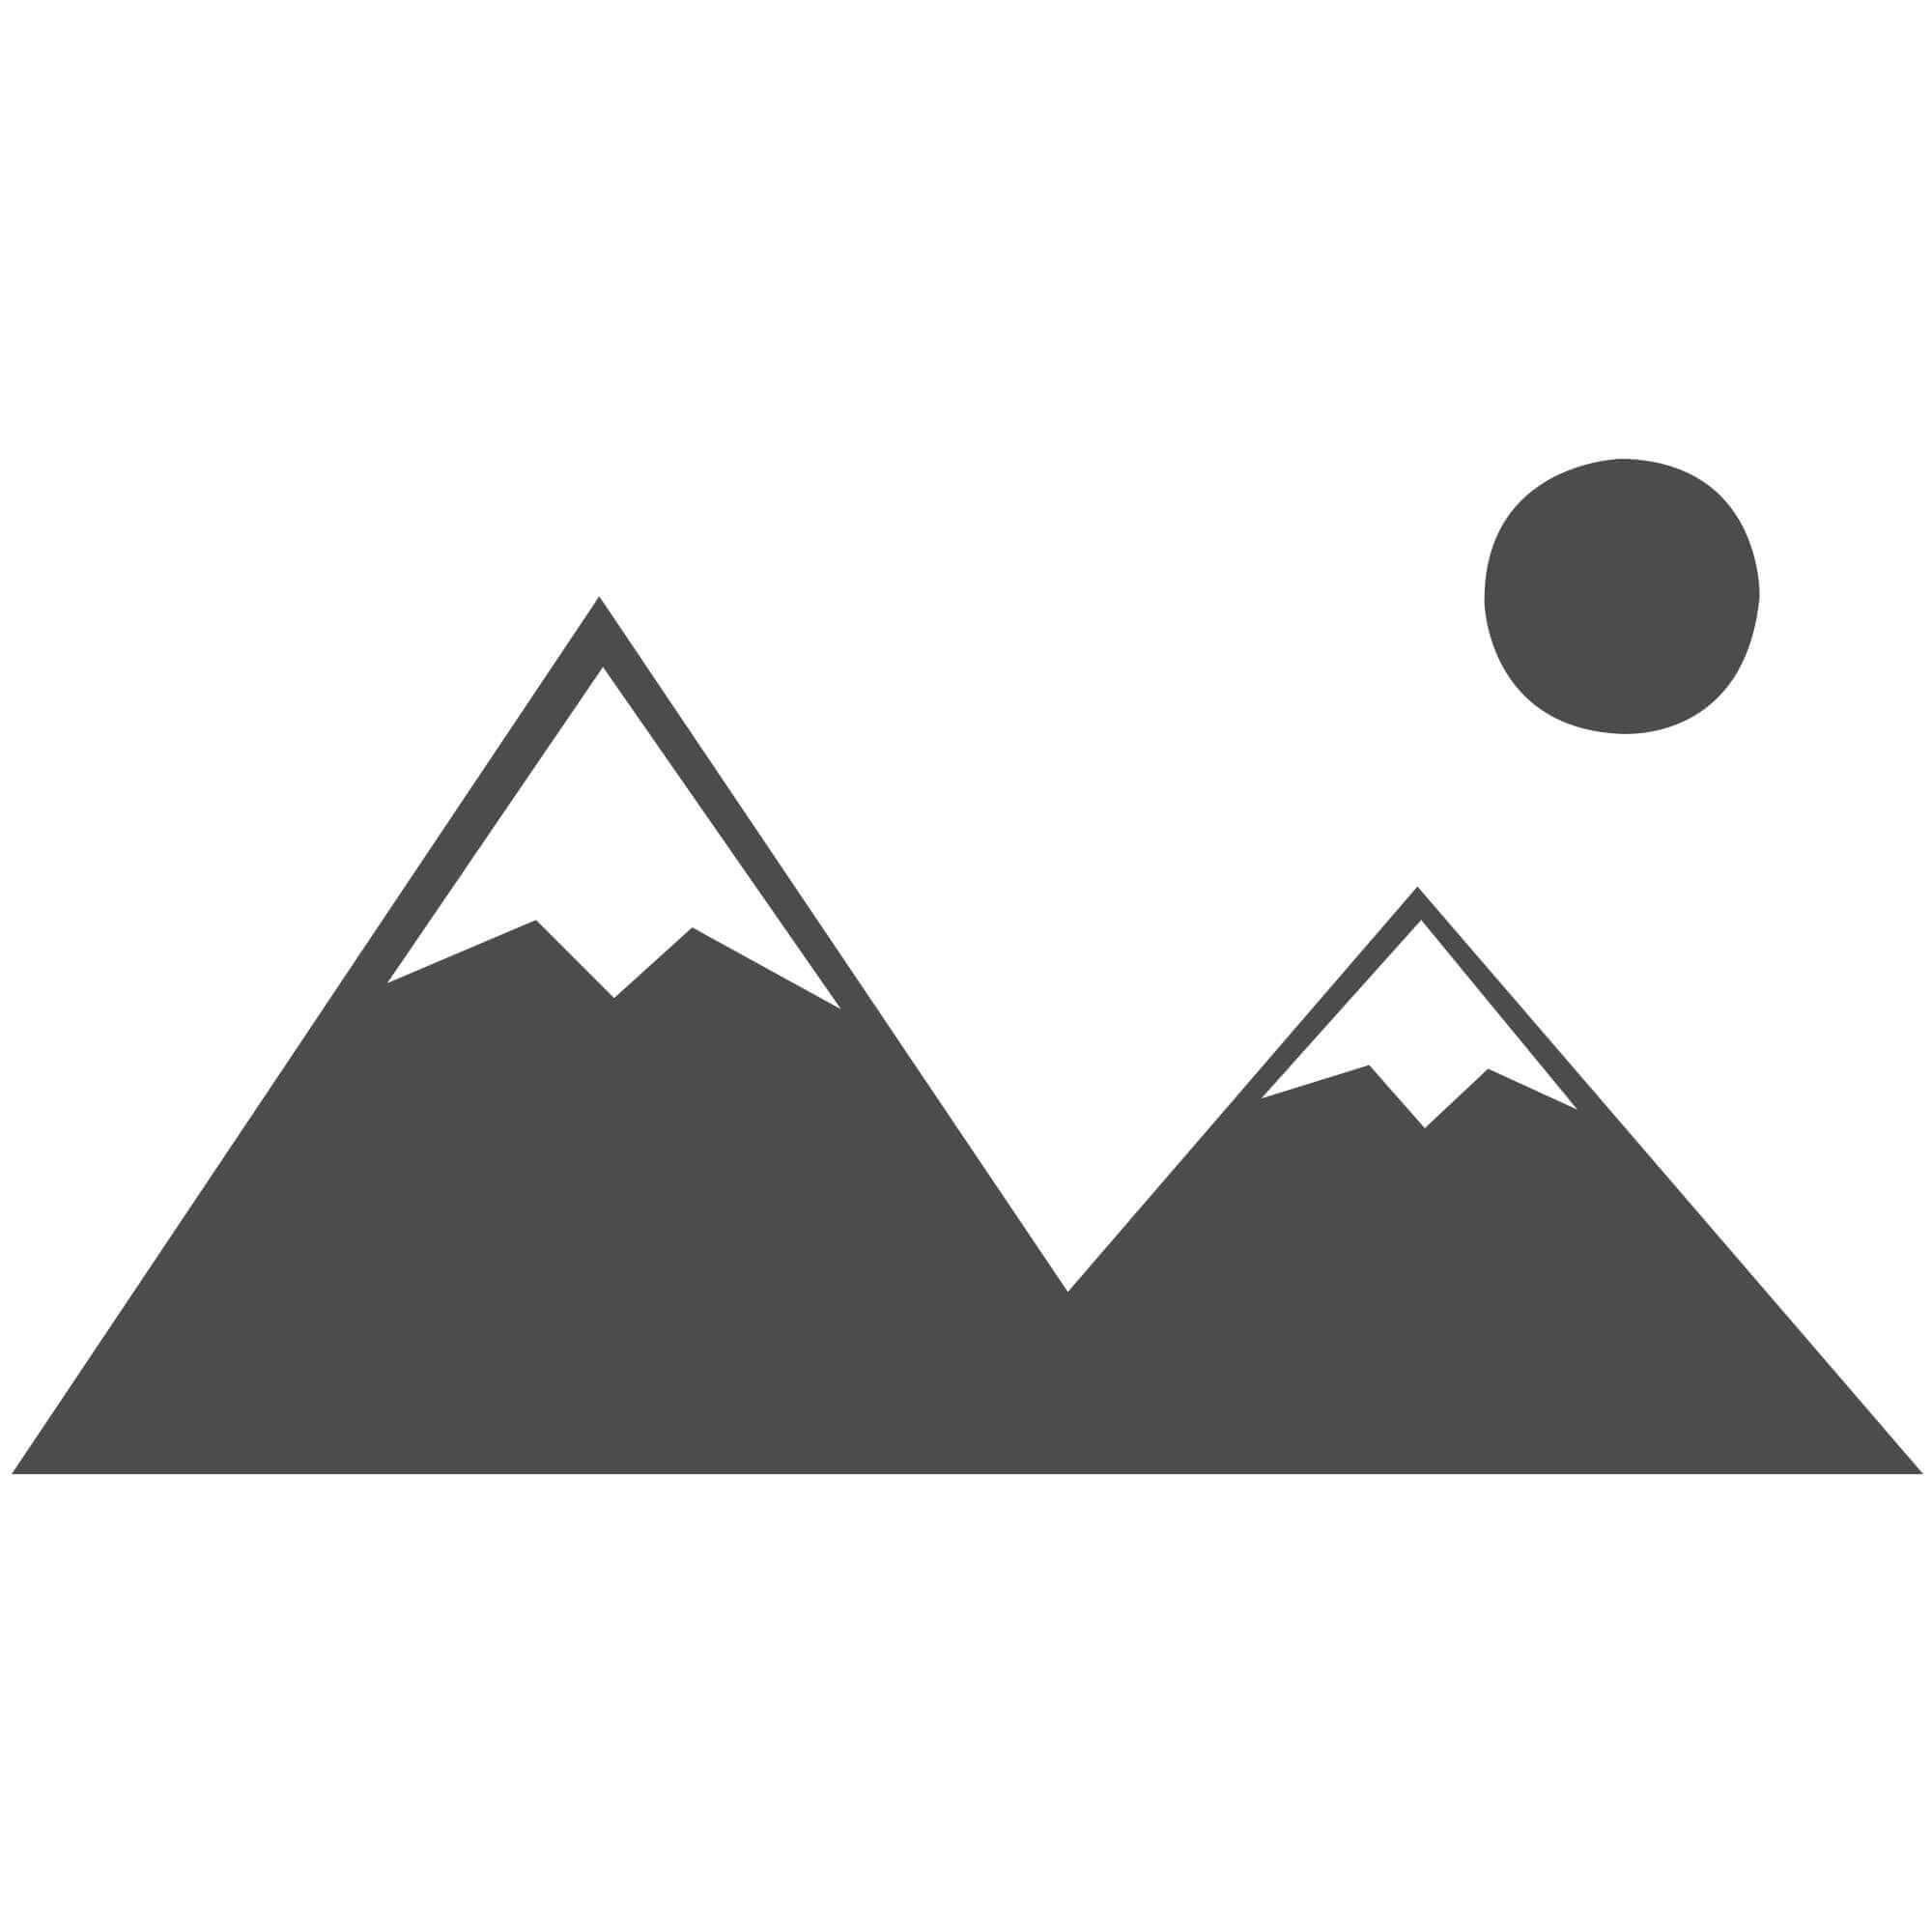 Faux Sheepskin - White